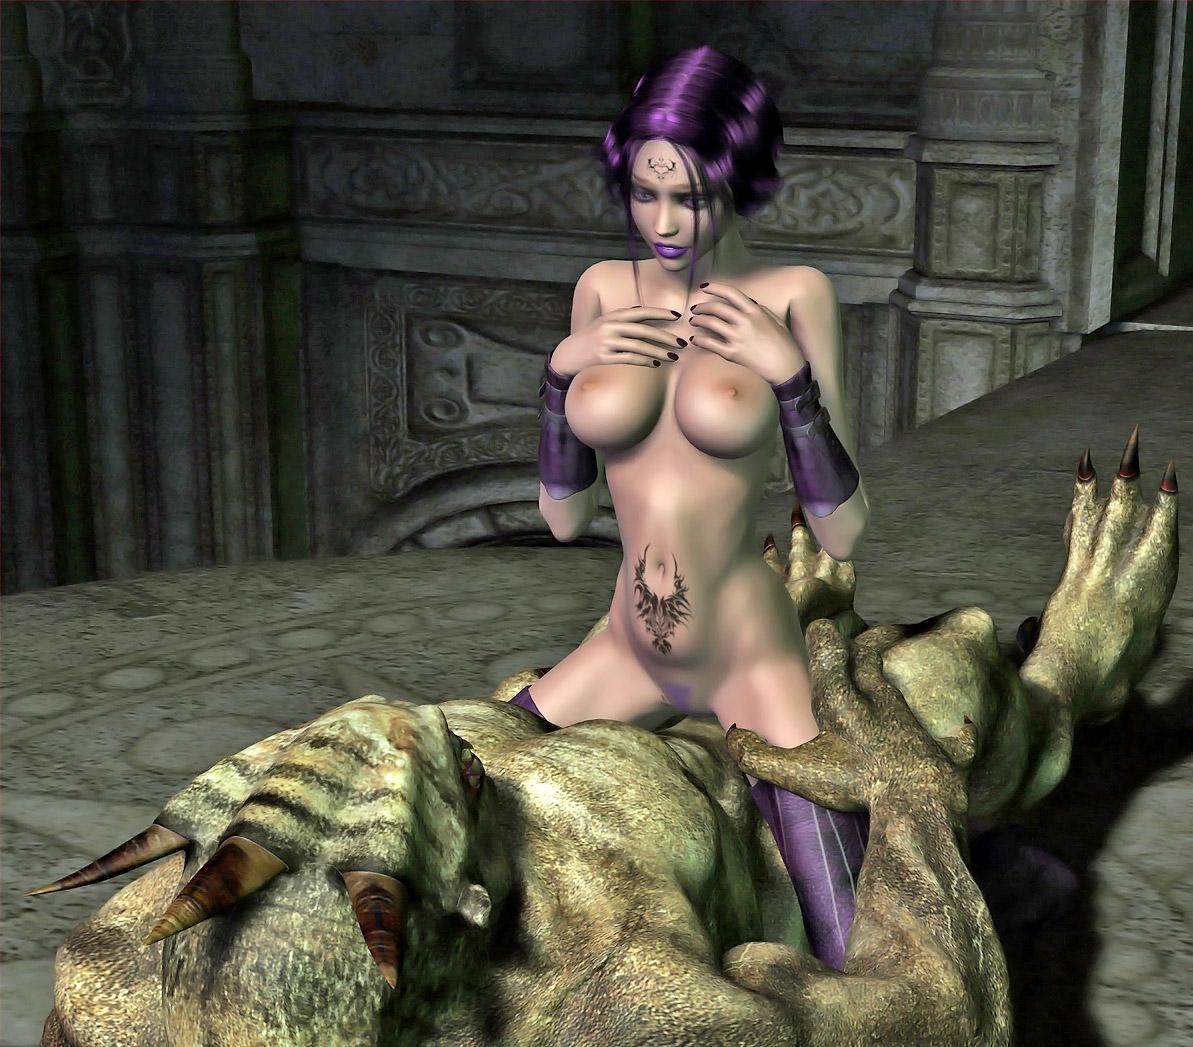 Elf girl massive cock porn comics